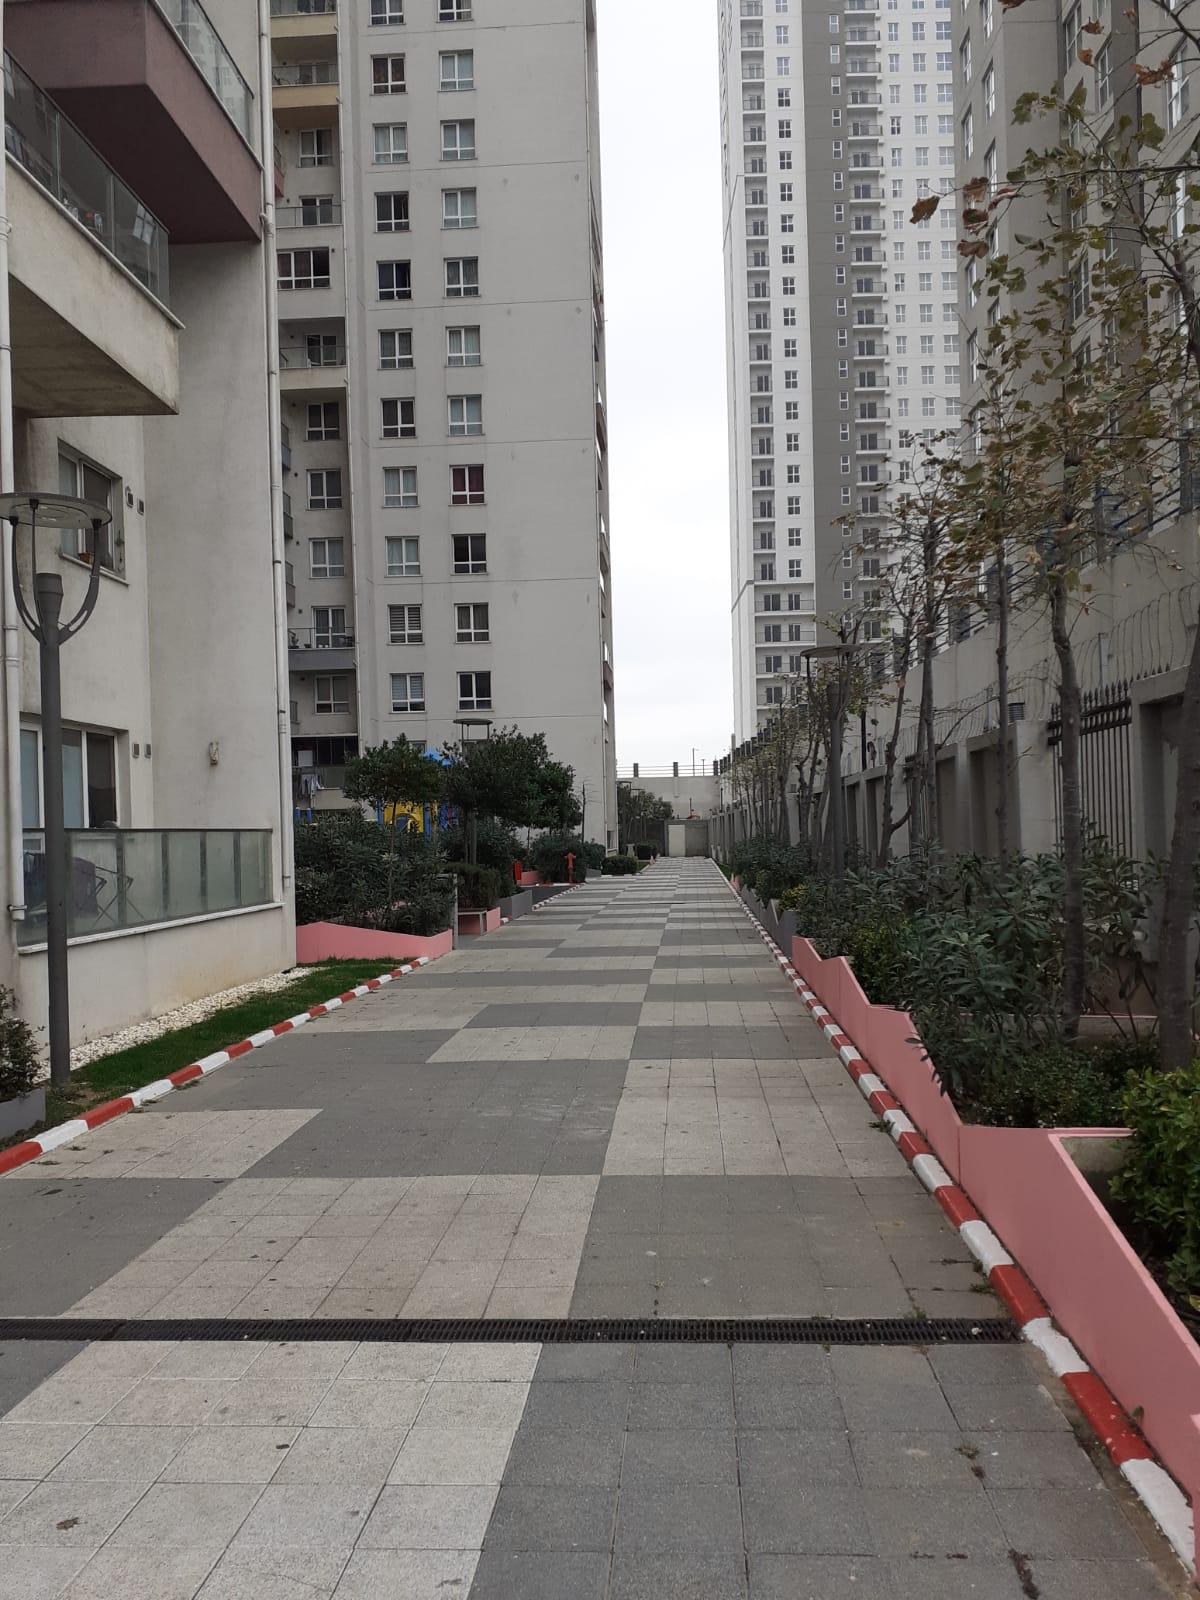 شقة سكنية للبيع اسطنبول أوروبا إسنيورت